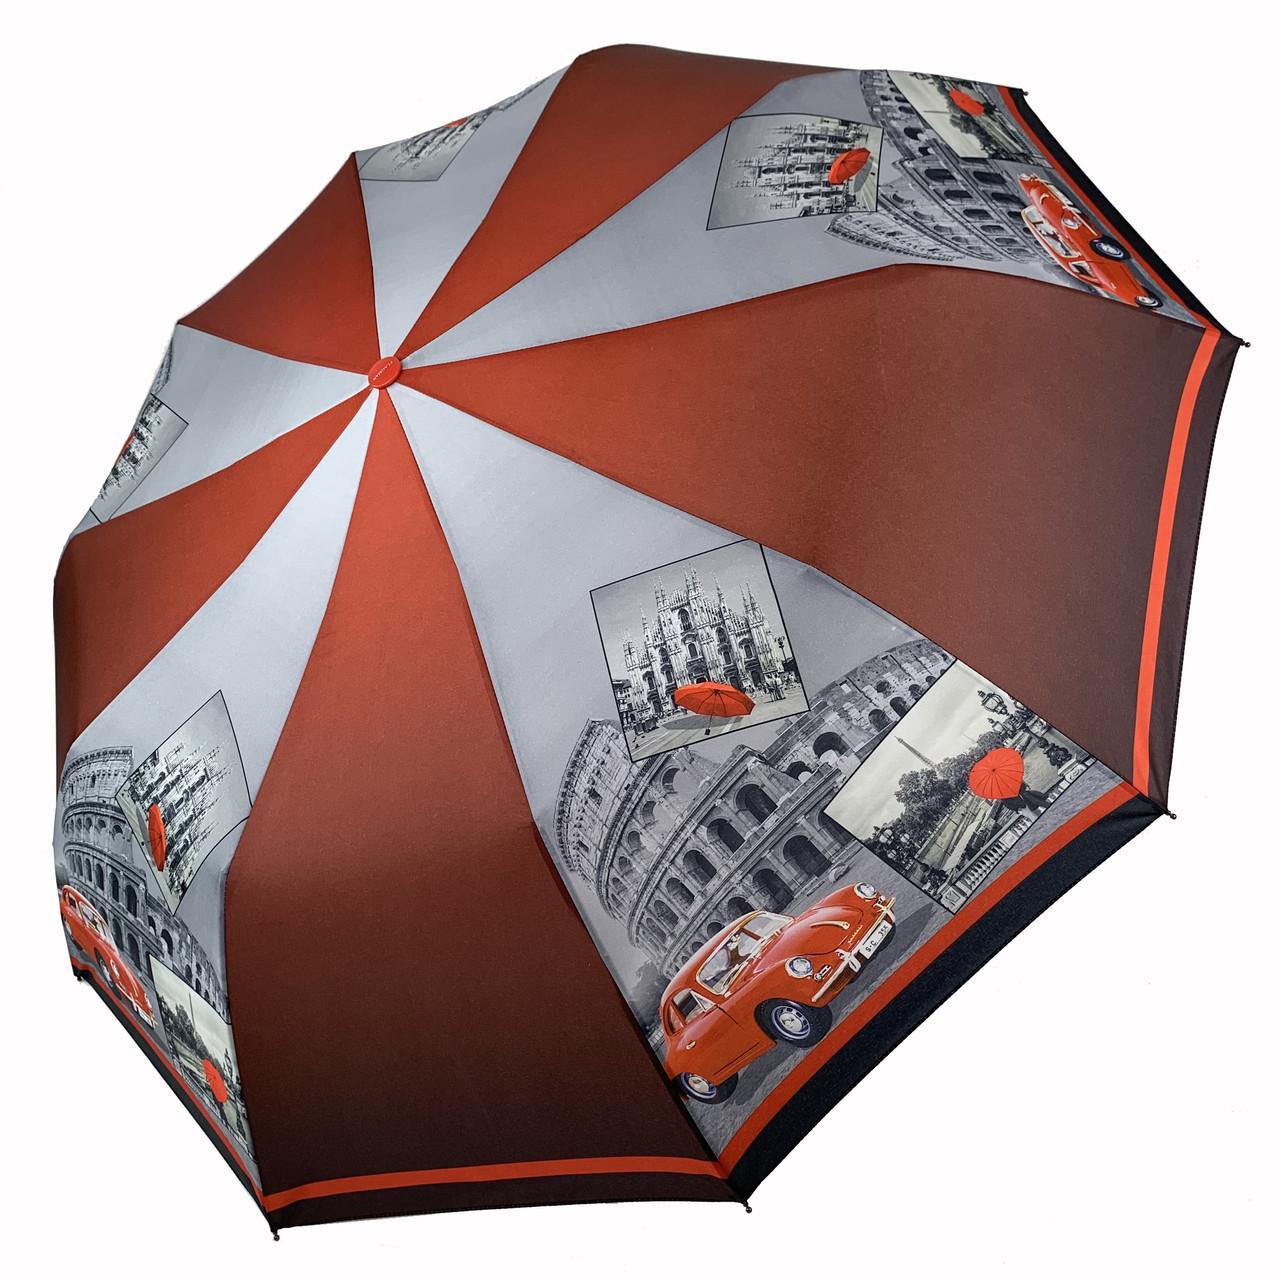 Женский складной зонт-полуавтомат c принтом Колизея от Flagman, красный, 509-3